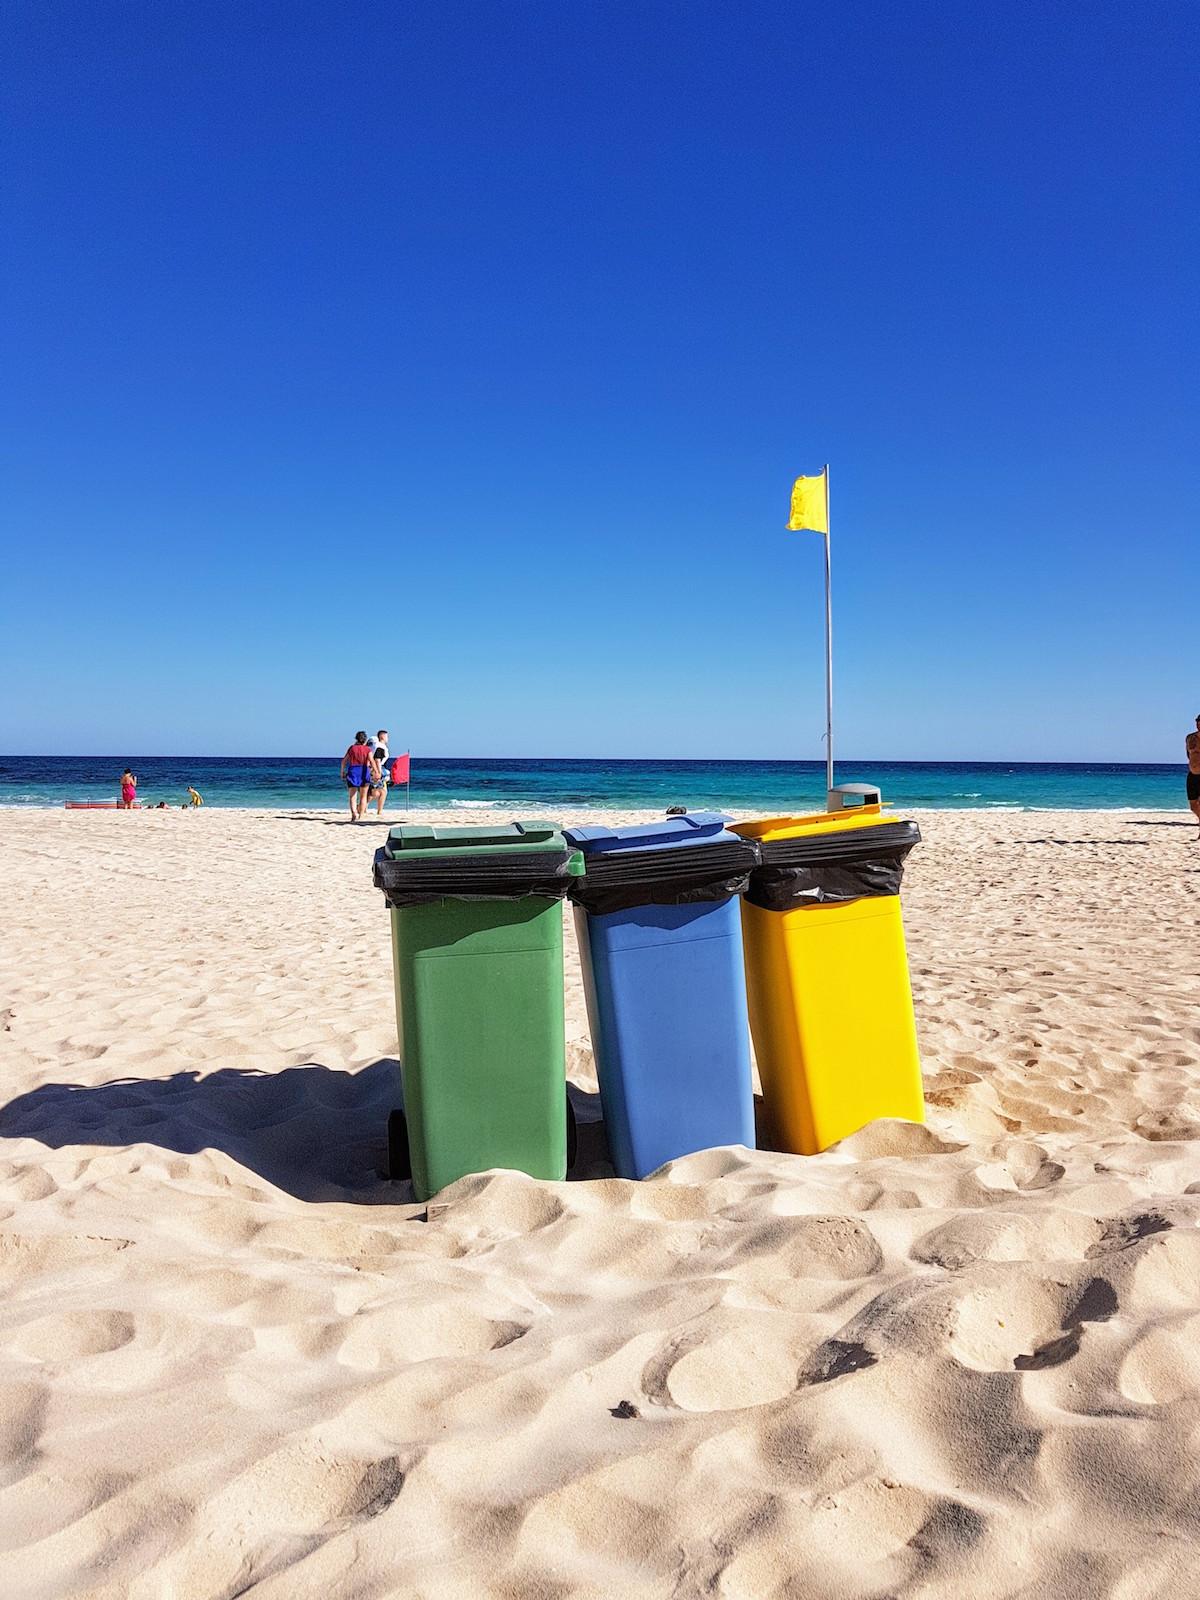 Farbige Mülltonnen am Strand von Corralejo, Fuerteventura